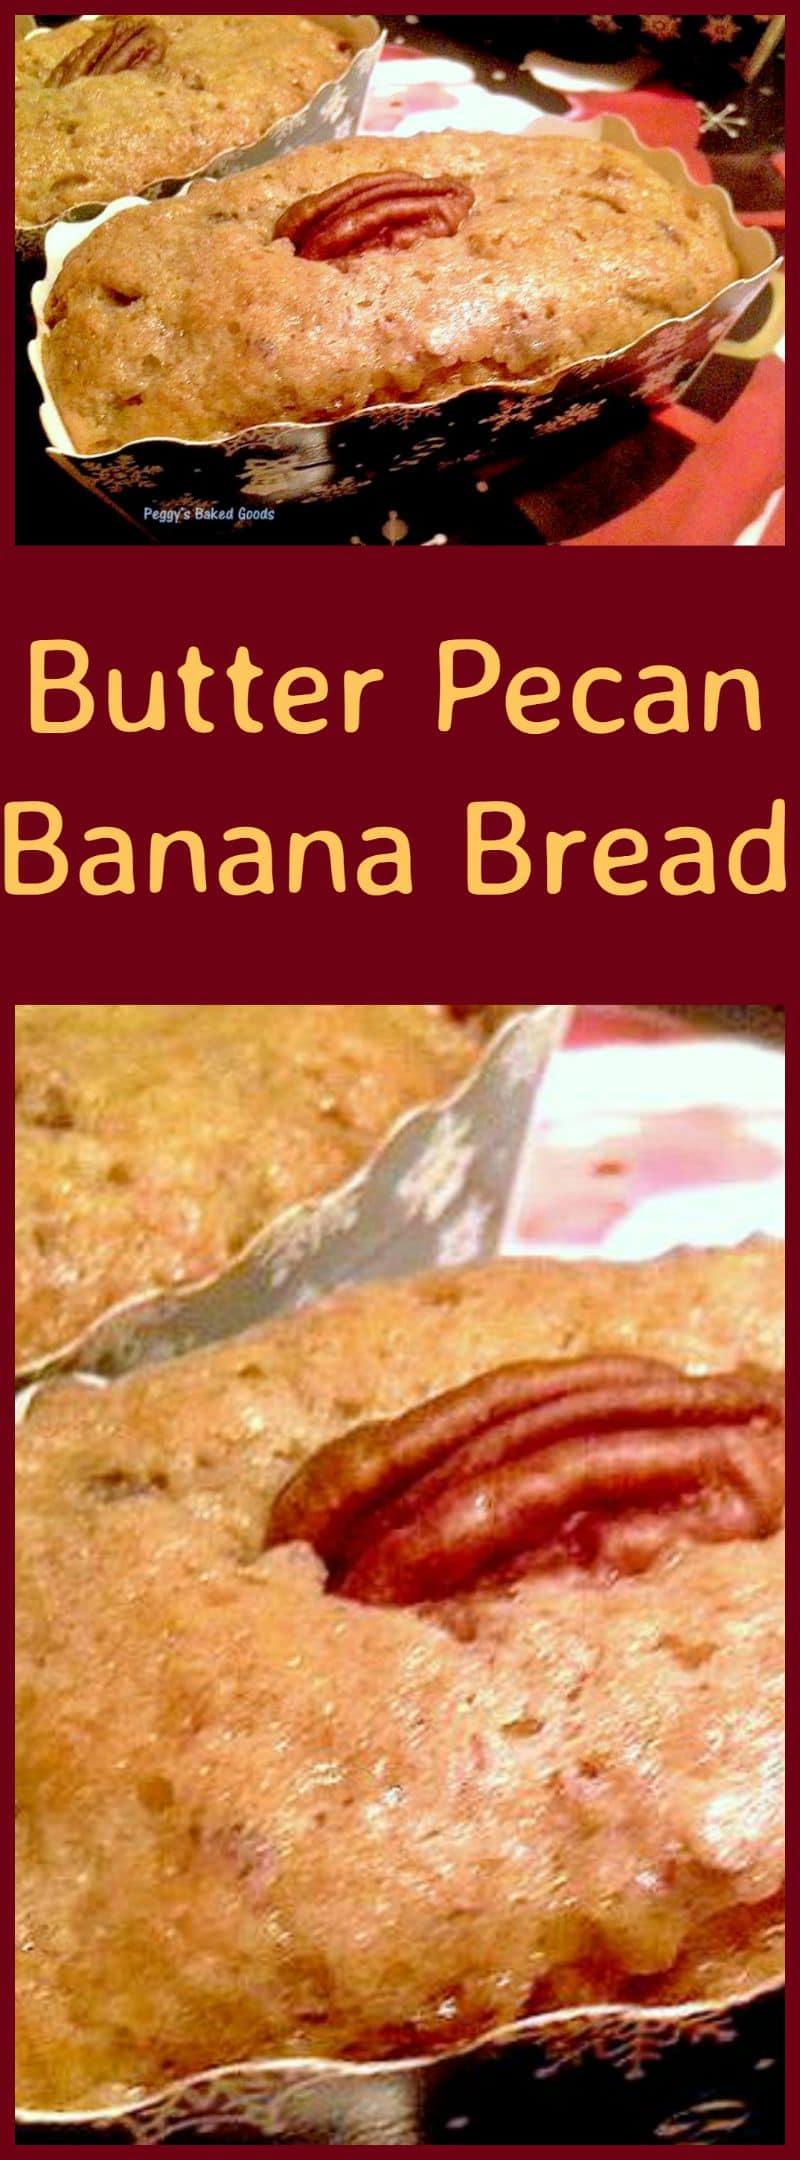 Butter Pecan Banana Bread Lovefoodies